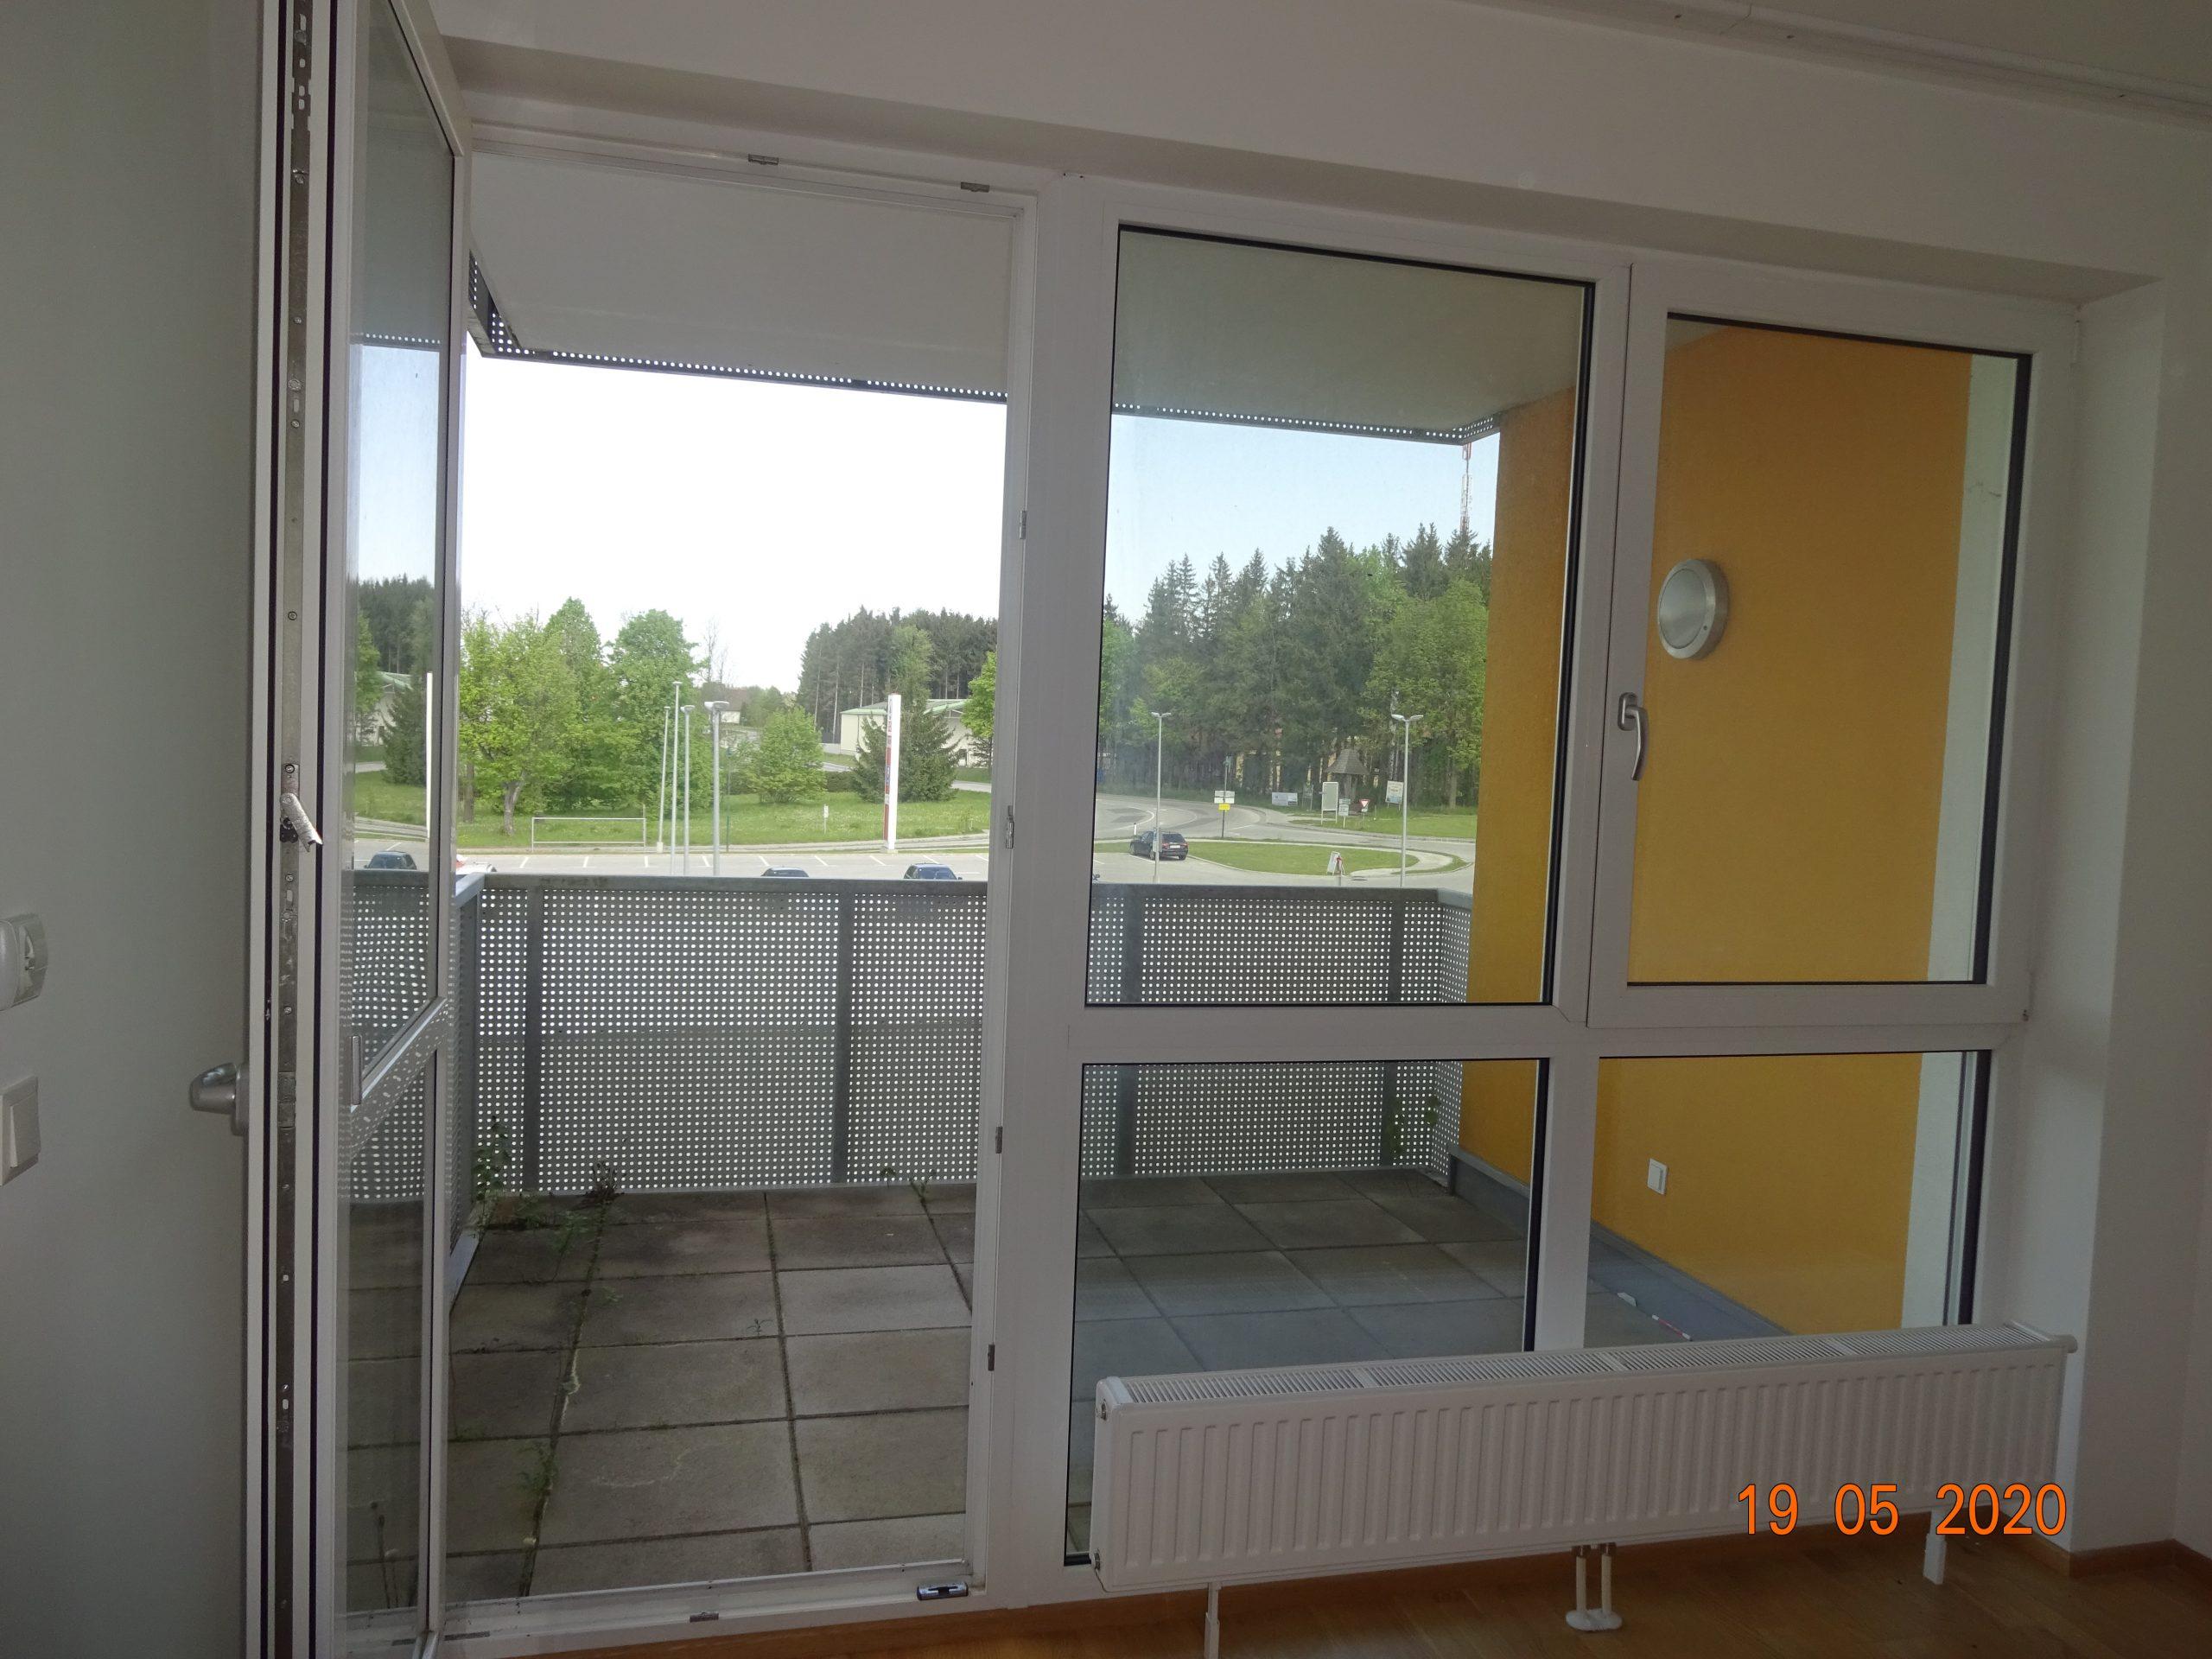 Immobilie von Kamptal in 3631 Ottenschlag, Zwettl, Ottenschlag I/2 - Top 106 #2